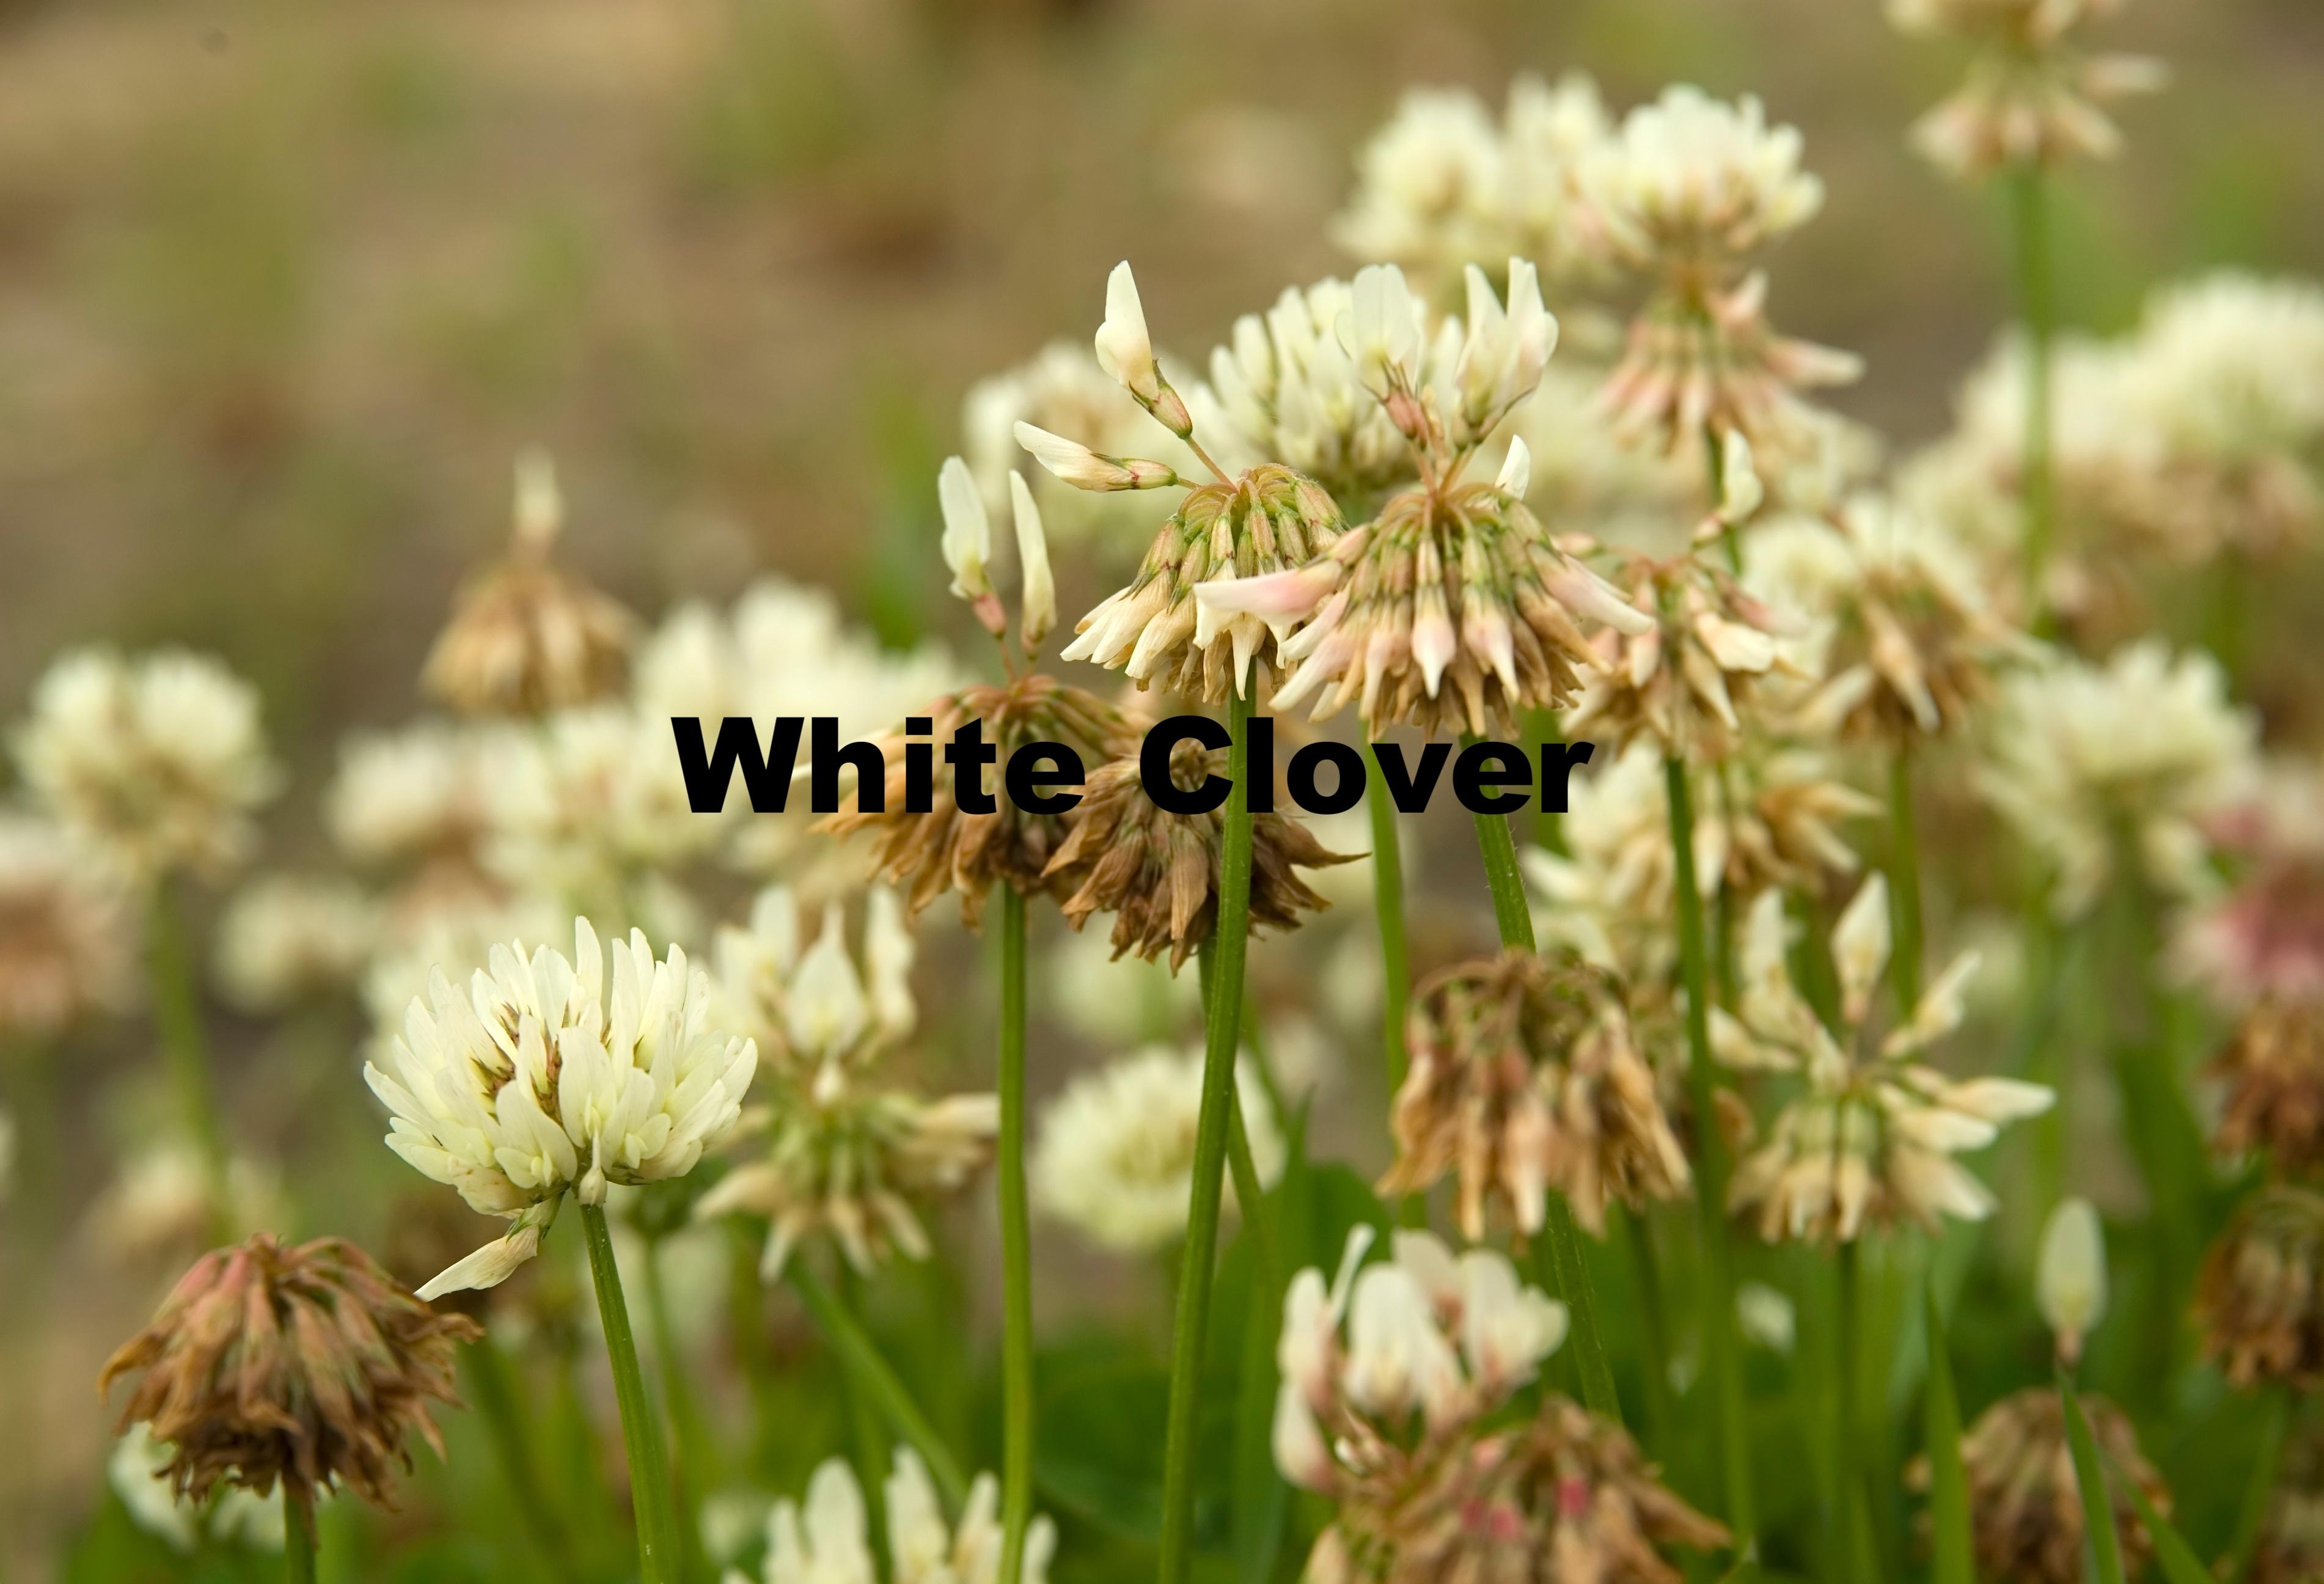 White-Clover-Identification-107144-edited.jpg